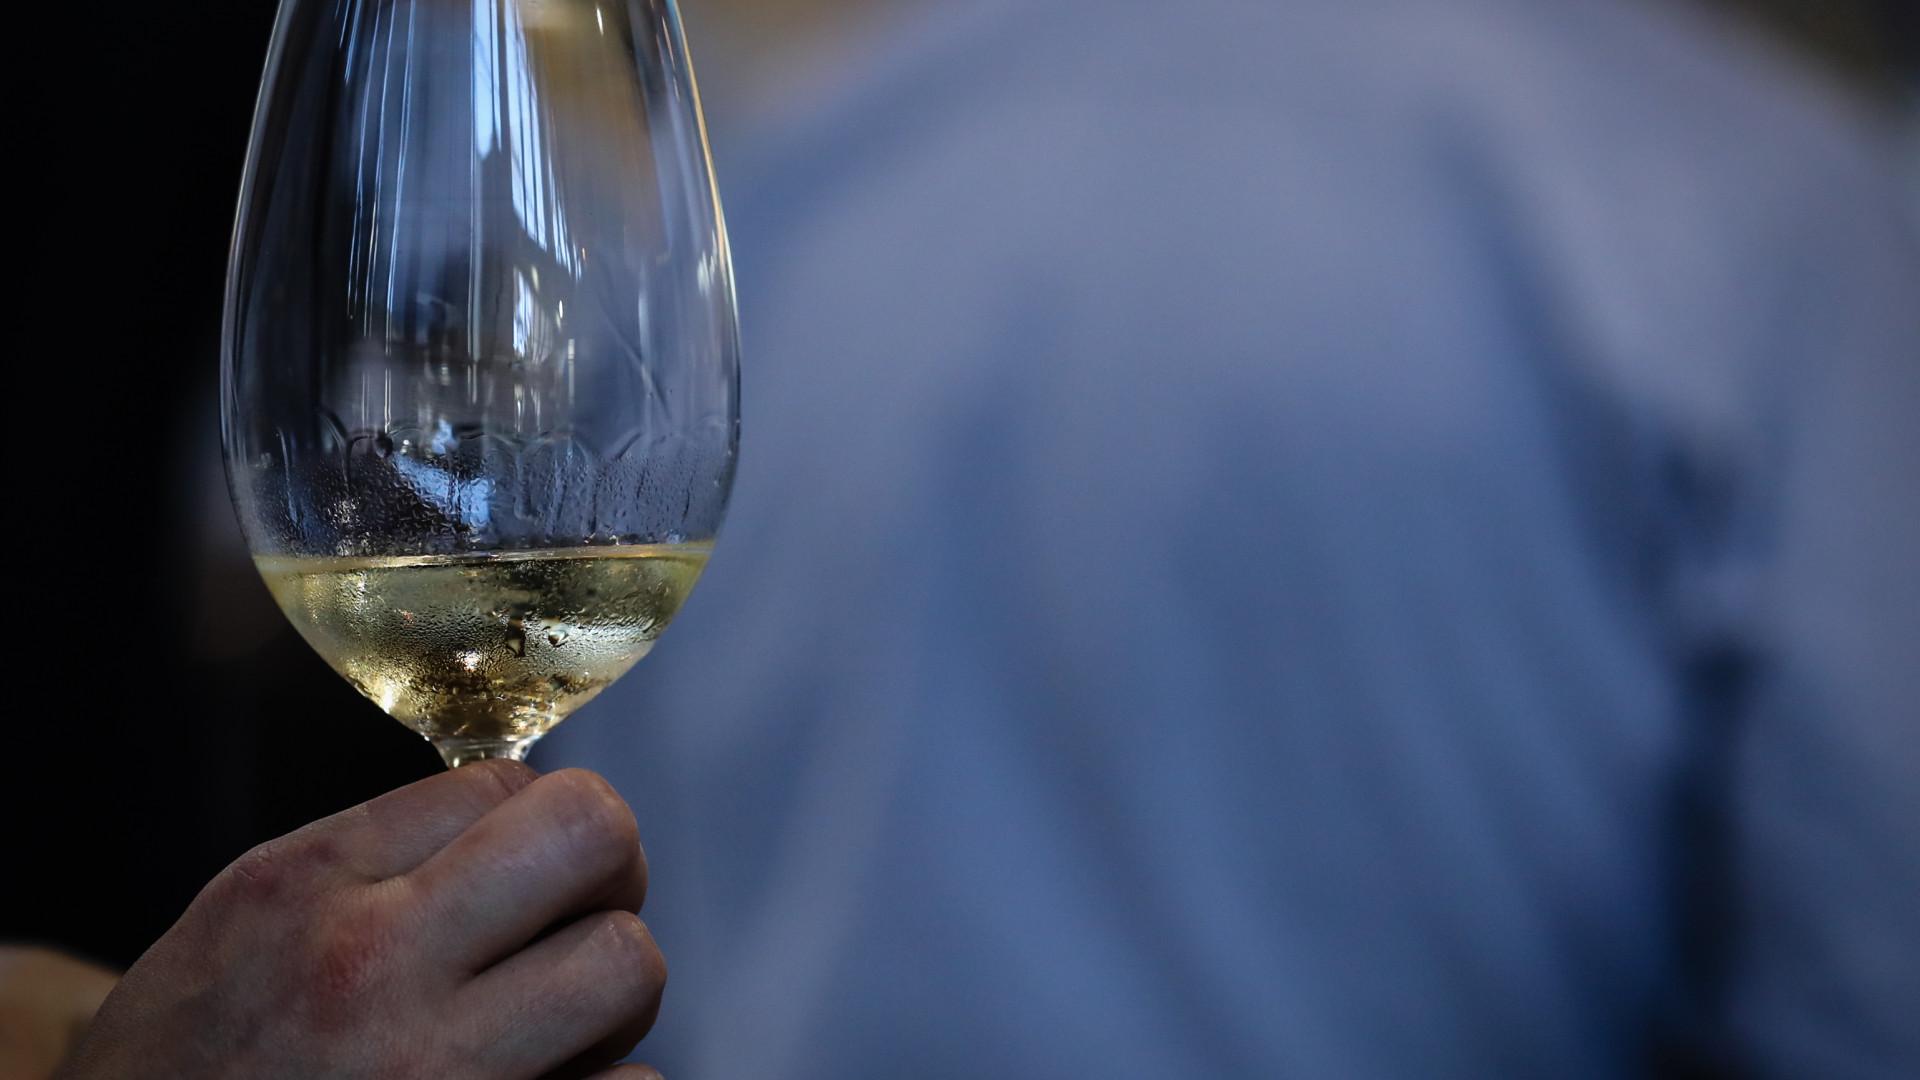 Fraude e contrafação de vinhos aumentam principalmente na China